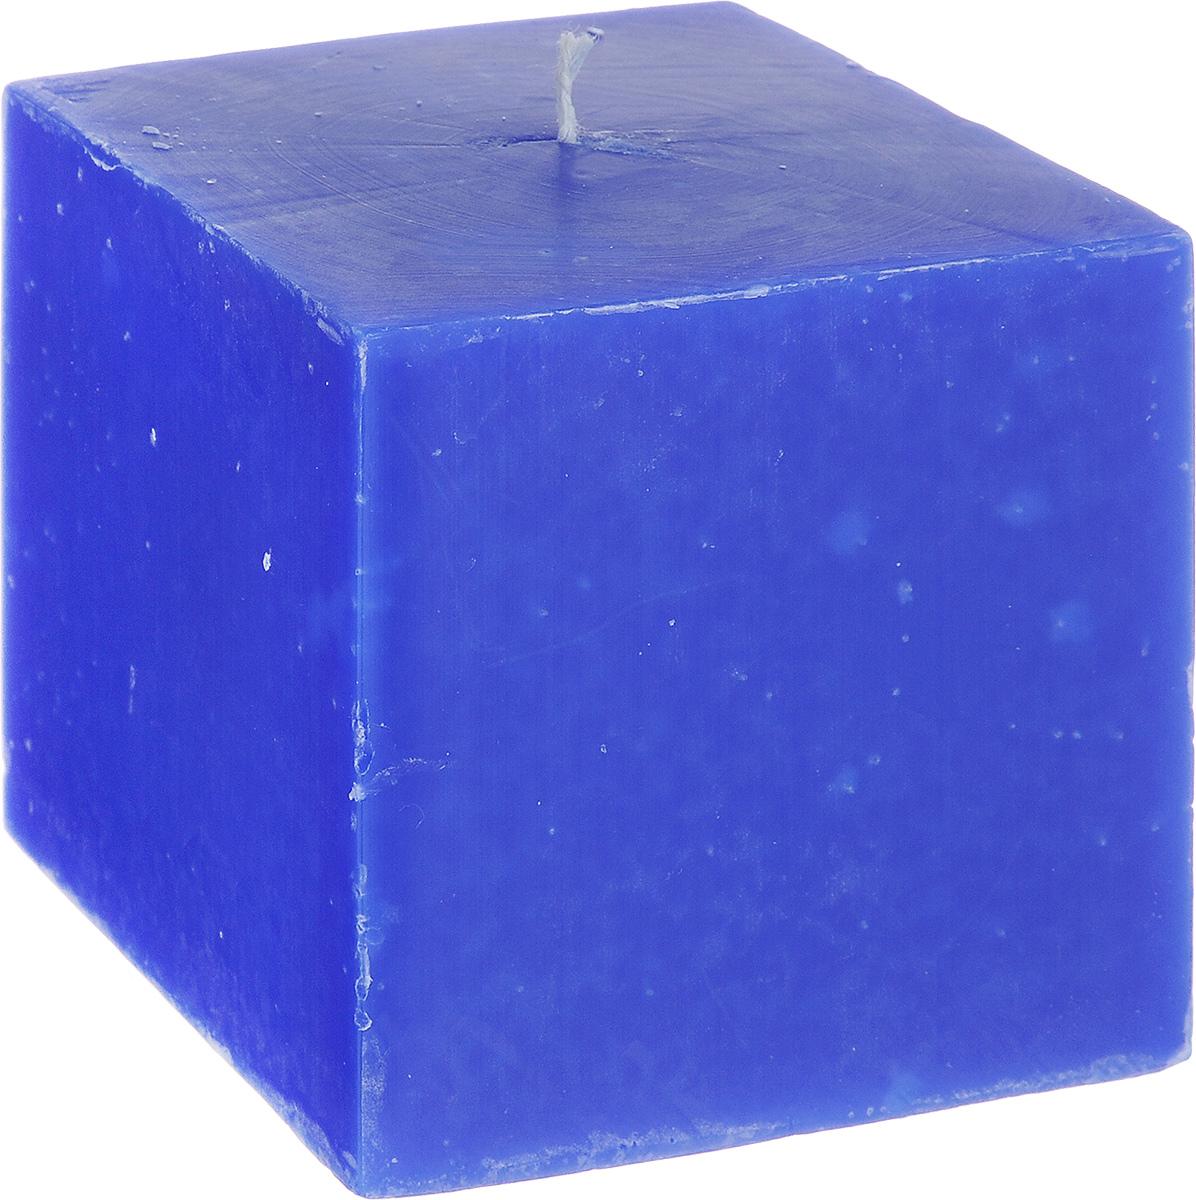 Свеча декоративная Proffi Home Квадрат, цвет: синий, 9,5 х 9,5 х 9,5 смPH3413Свеча Proffi Home Квадрат выполнена из парафина и стеарина в классическом стиле. Изделие порадует вас ярким дизайном. Такую свечу можно поставить в любое место, и она станет ярким украшением интерьера. Свеча Proffi Home Квадрат создаст незабываемую атмосферу, будь то торжество, романтический вечер или будничный день.